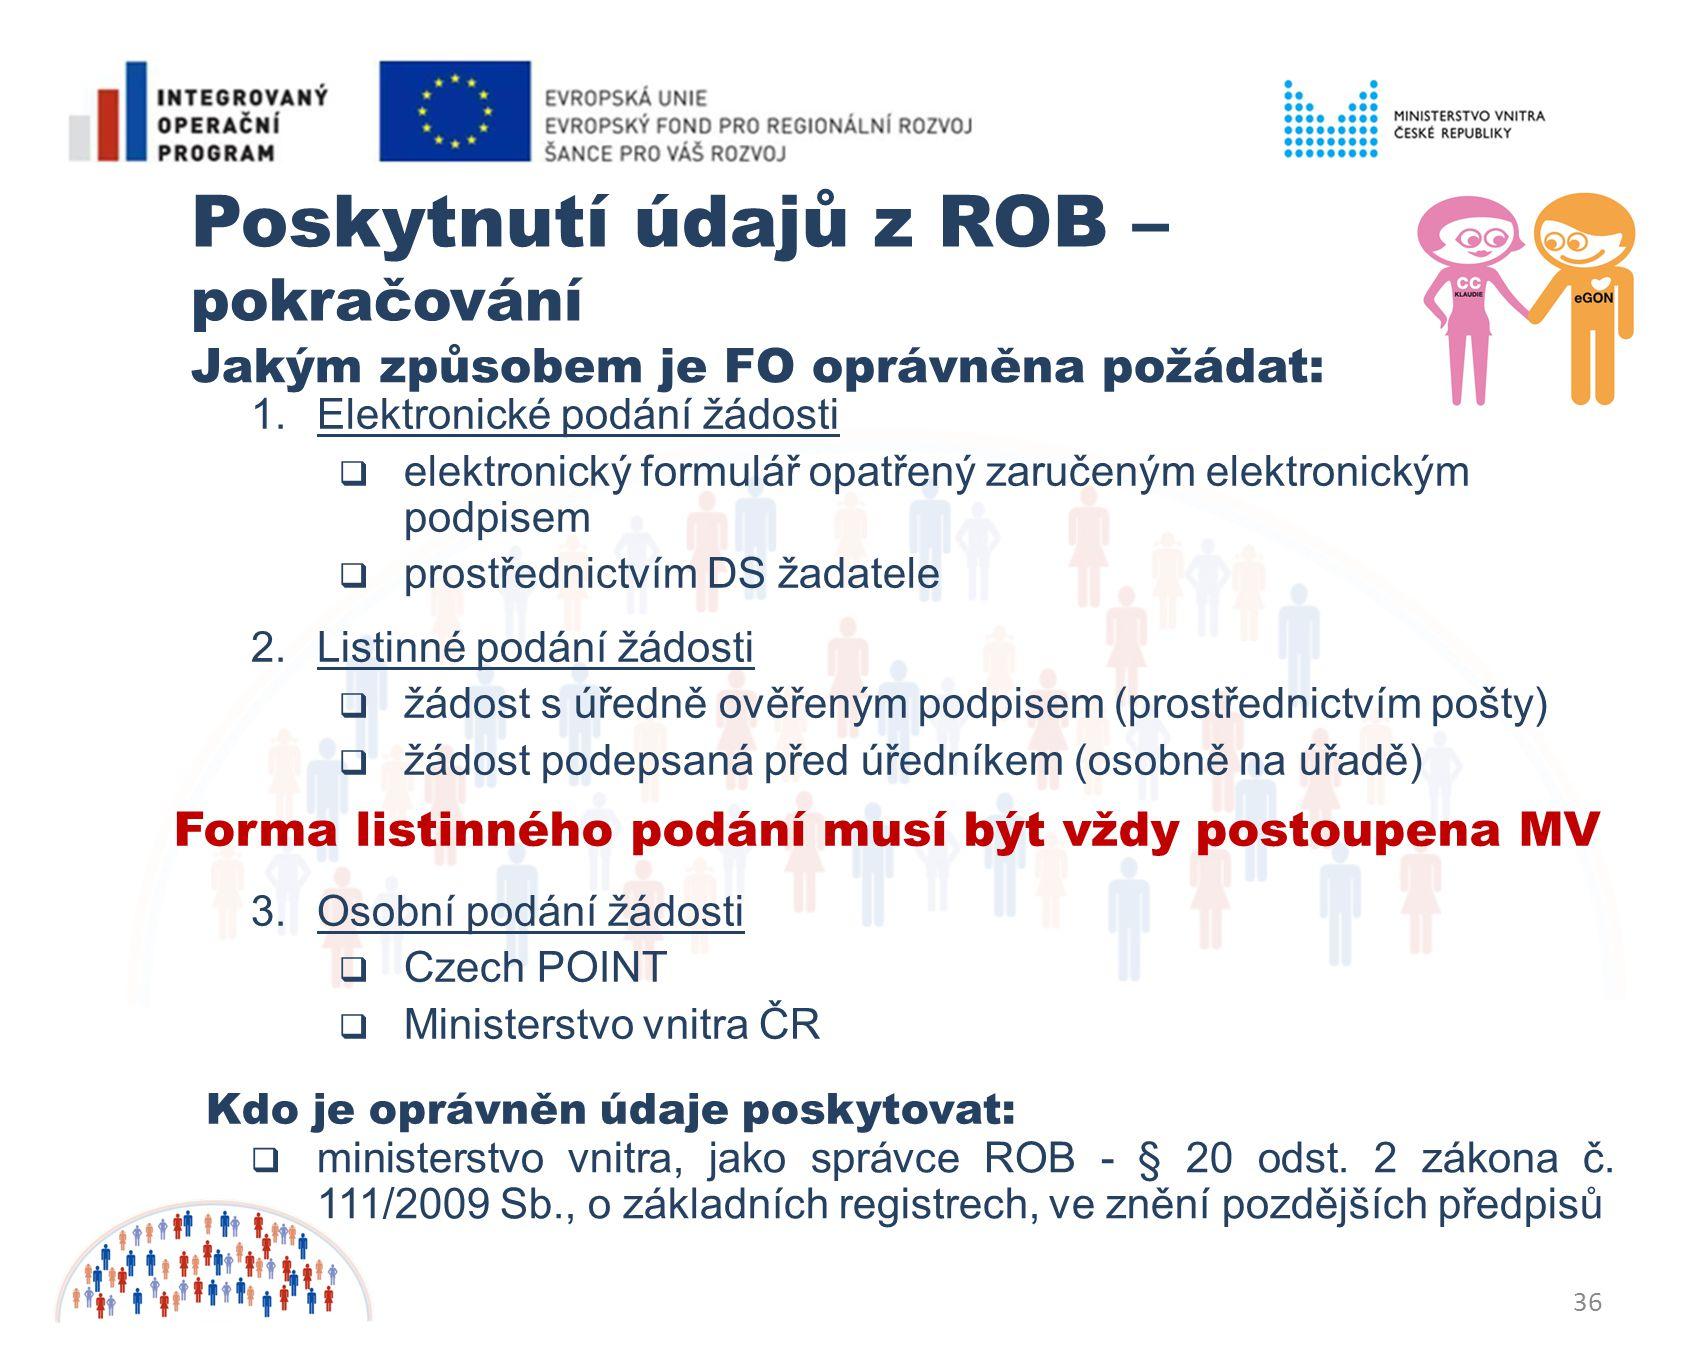 36 Poskytnutí údajů z ROB – pokračování Kdo je oprávněn údaje poskytovat: Jakým způsobem je FO oprávněna požádat:  ministerstvo vnitra, jako správce ROB - § 20 odst.